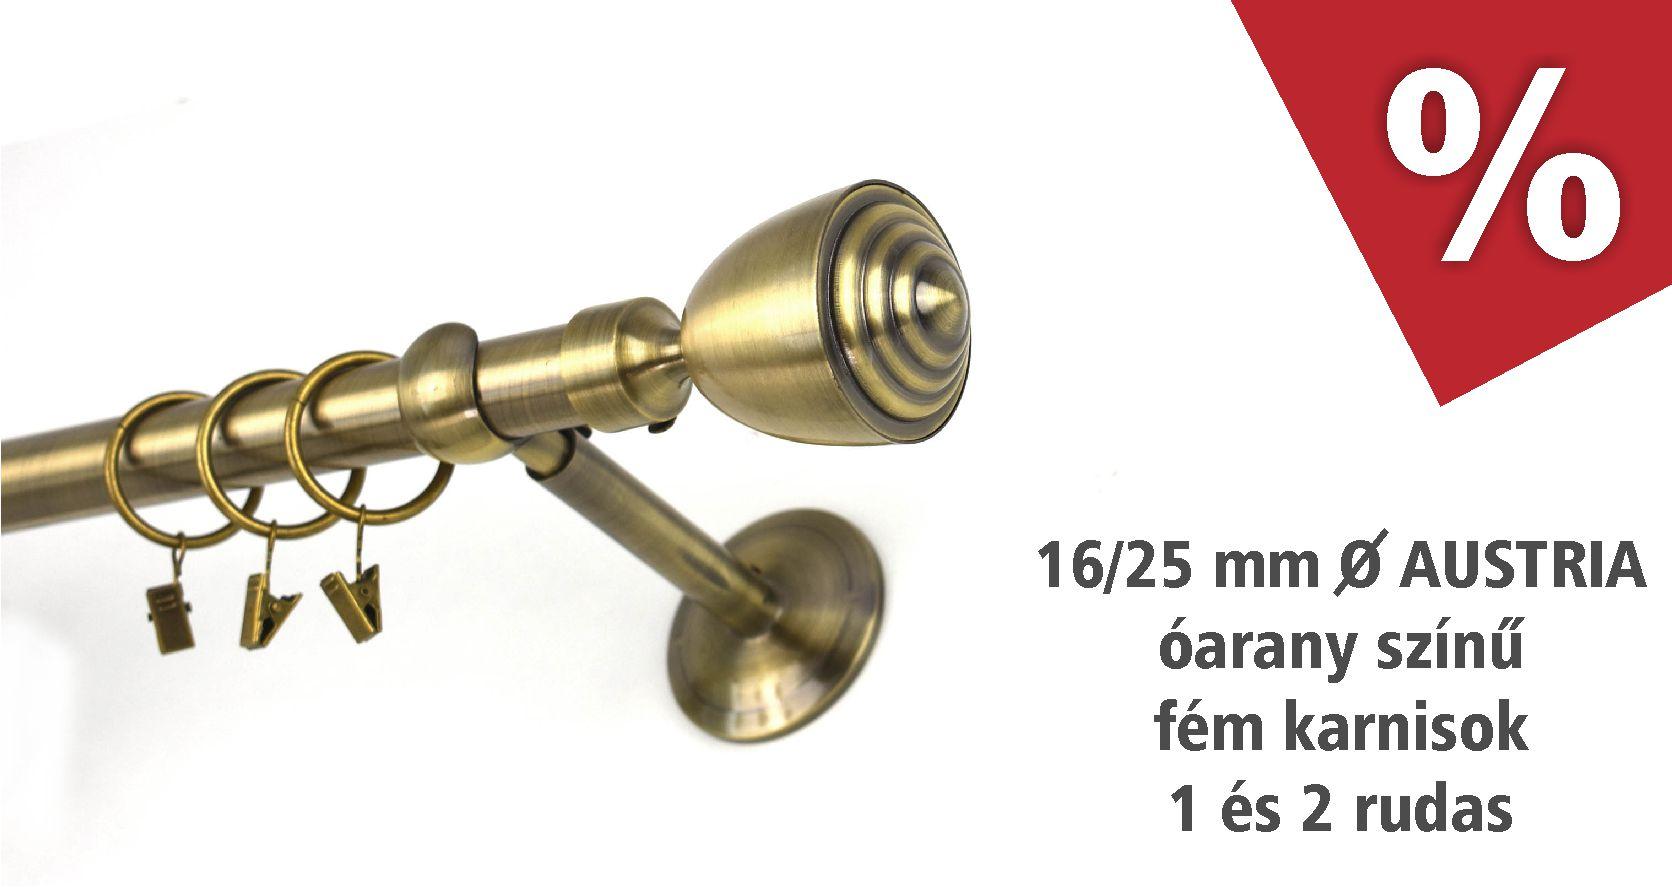 Austria óarany színű fém karnis szettek - 1 és 2 rudas - több méretben - akciós áron februárban - www.karnisstudio.hu